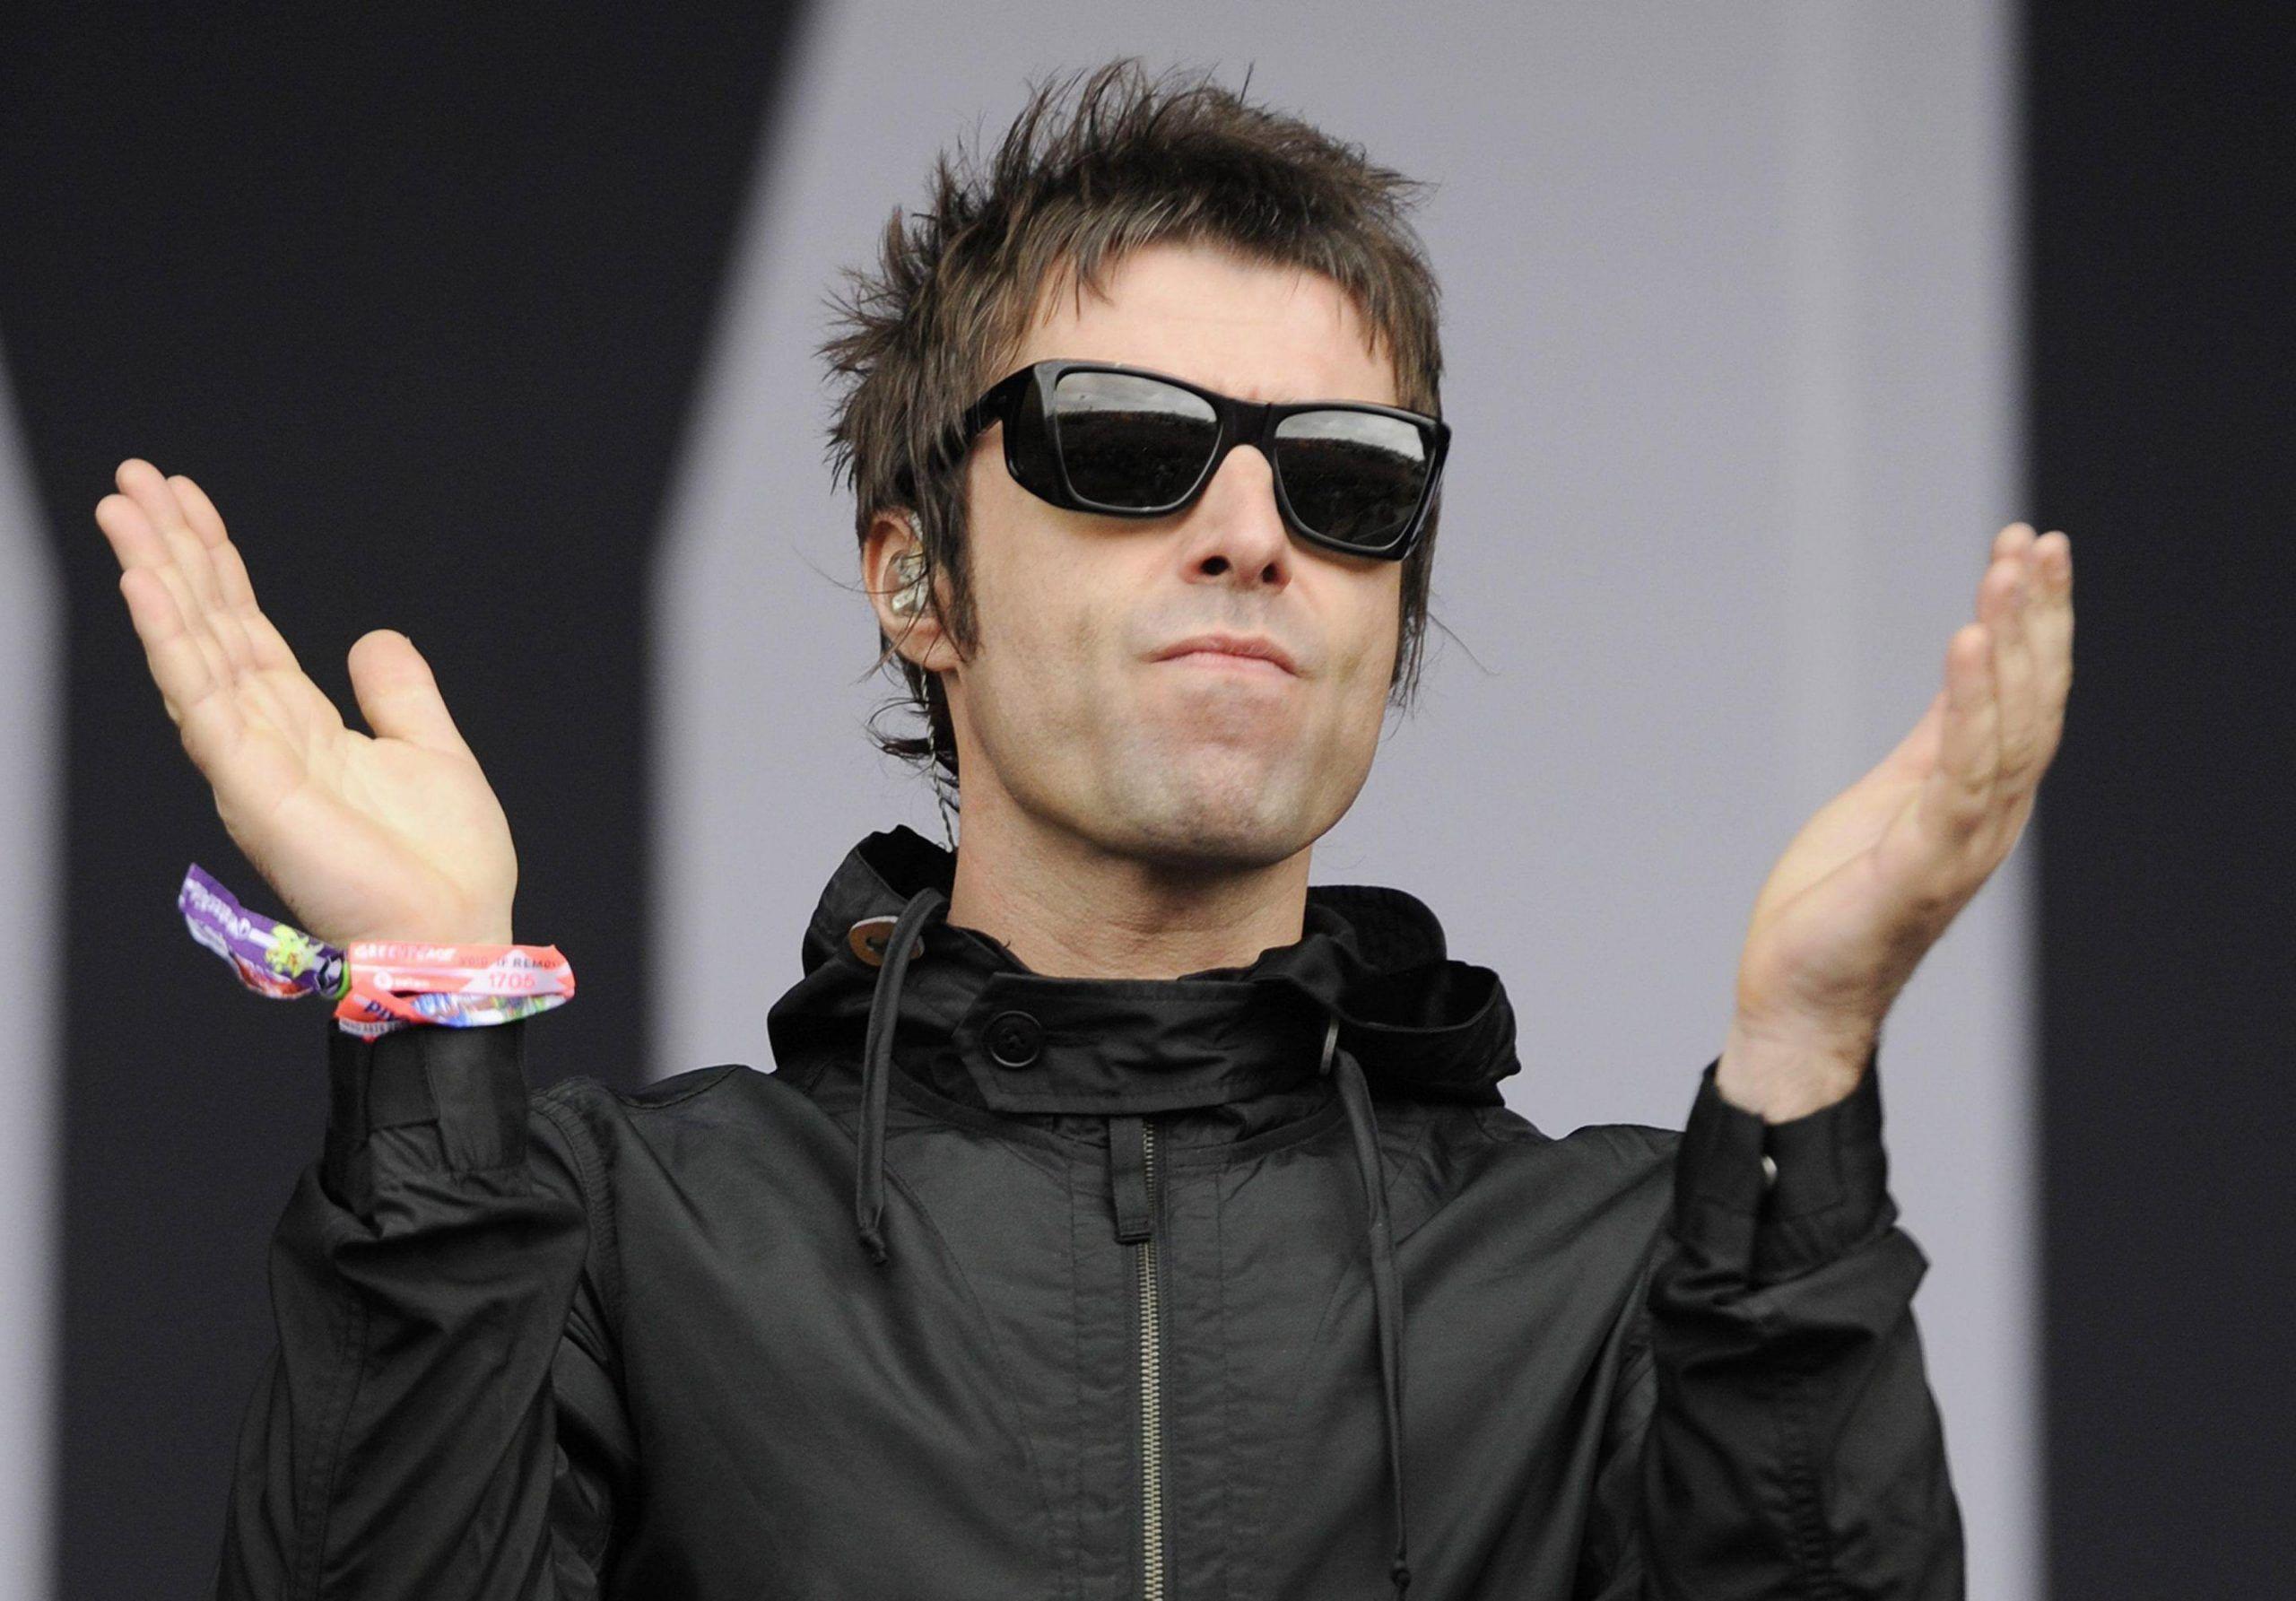 Concerto di Manchester Liam Gallagher